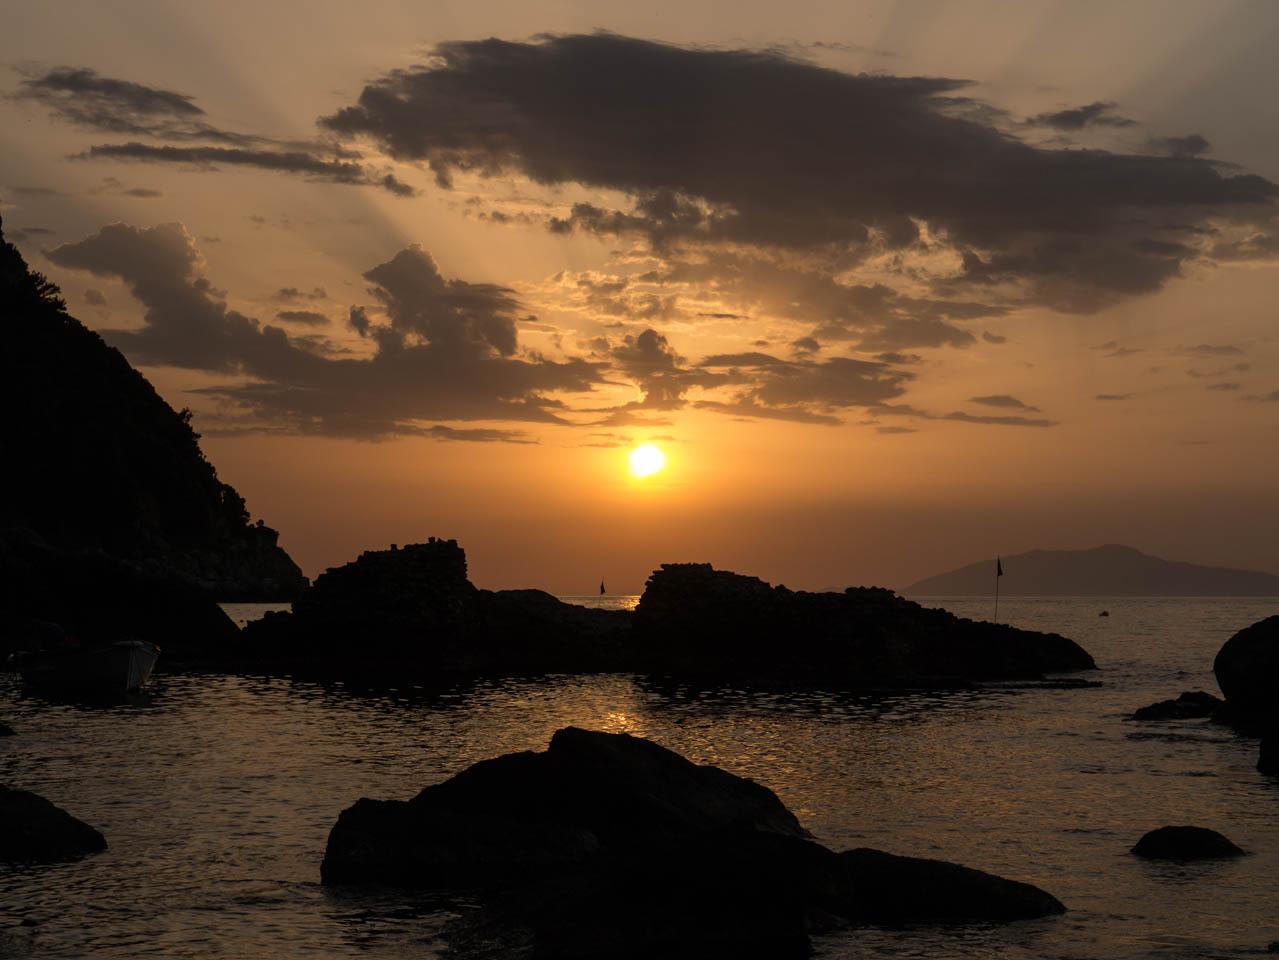 Sonnenuntergang Mitte2 (1 von 1)